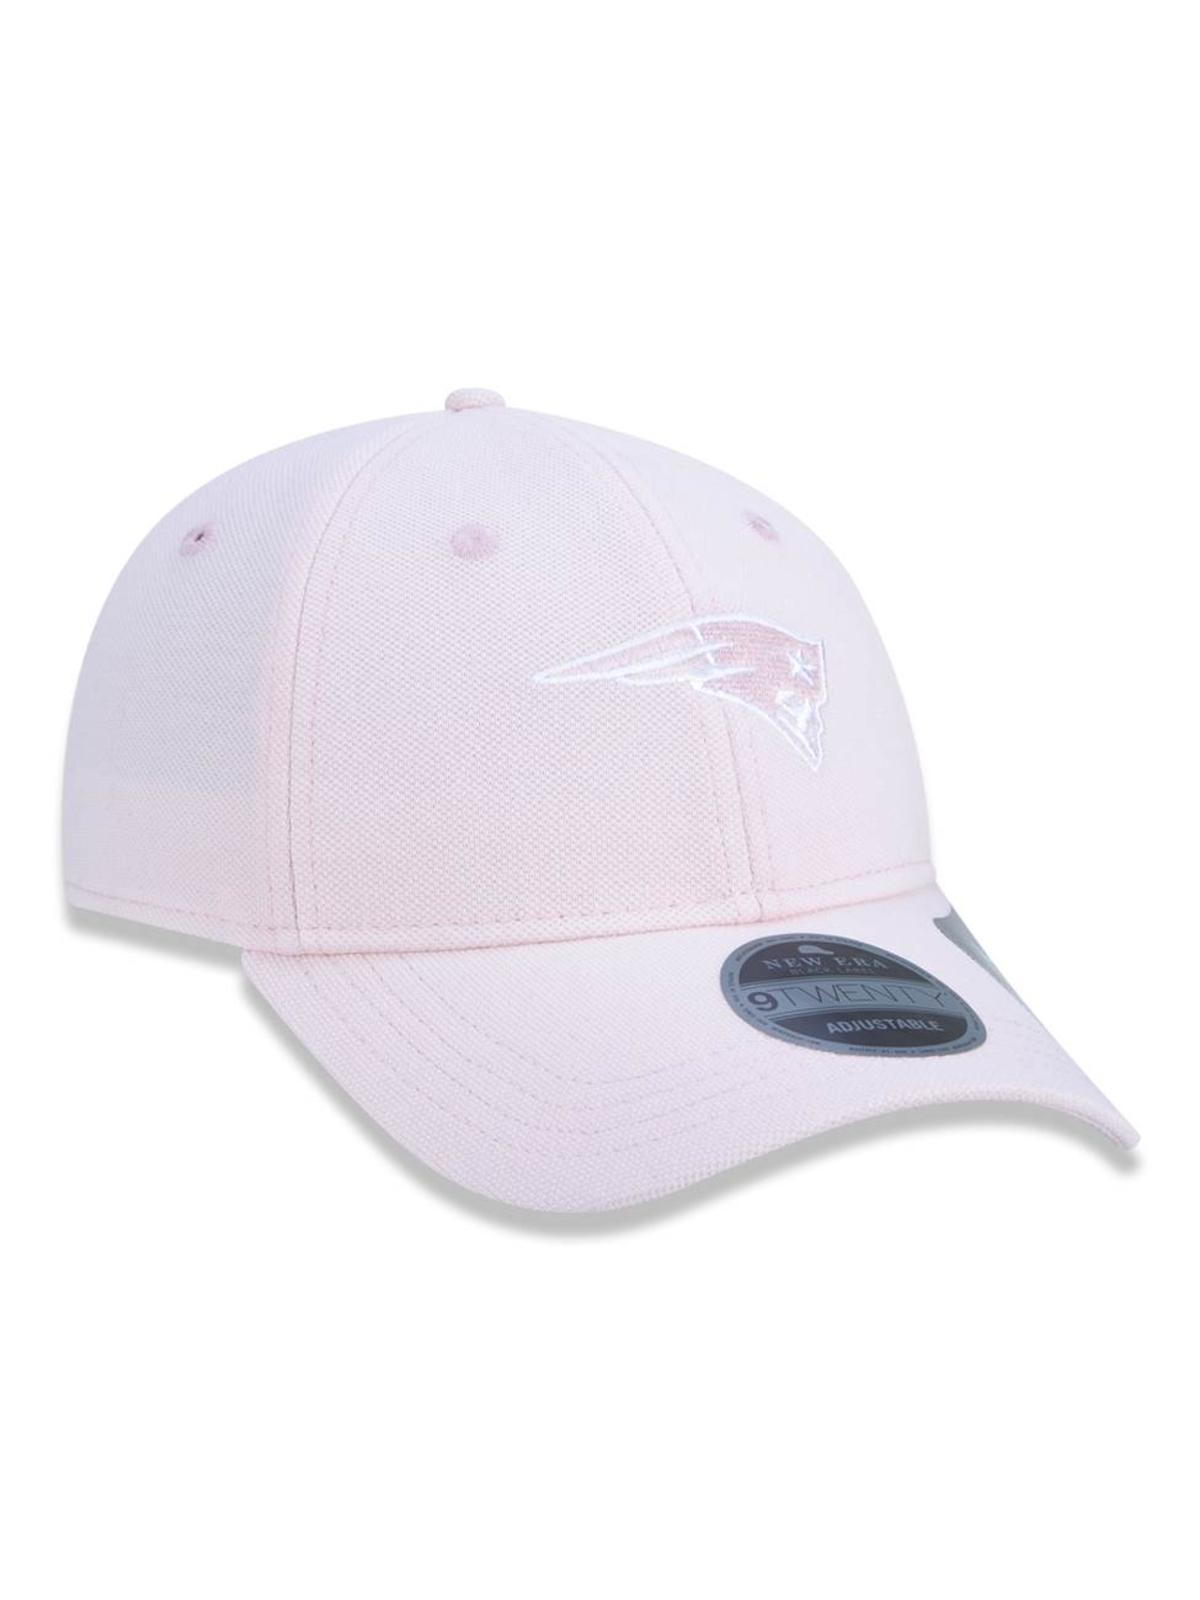 84f6a9d73 Boné New Era 920 New England Patriots Aba Curva Pink